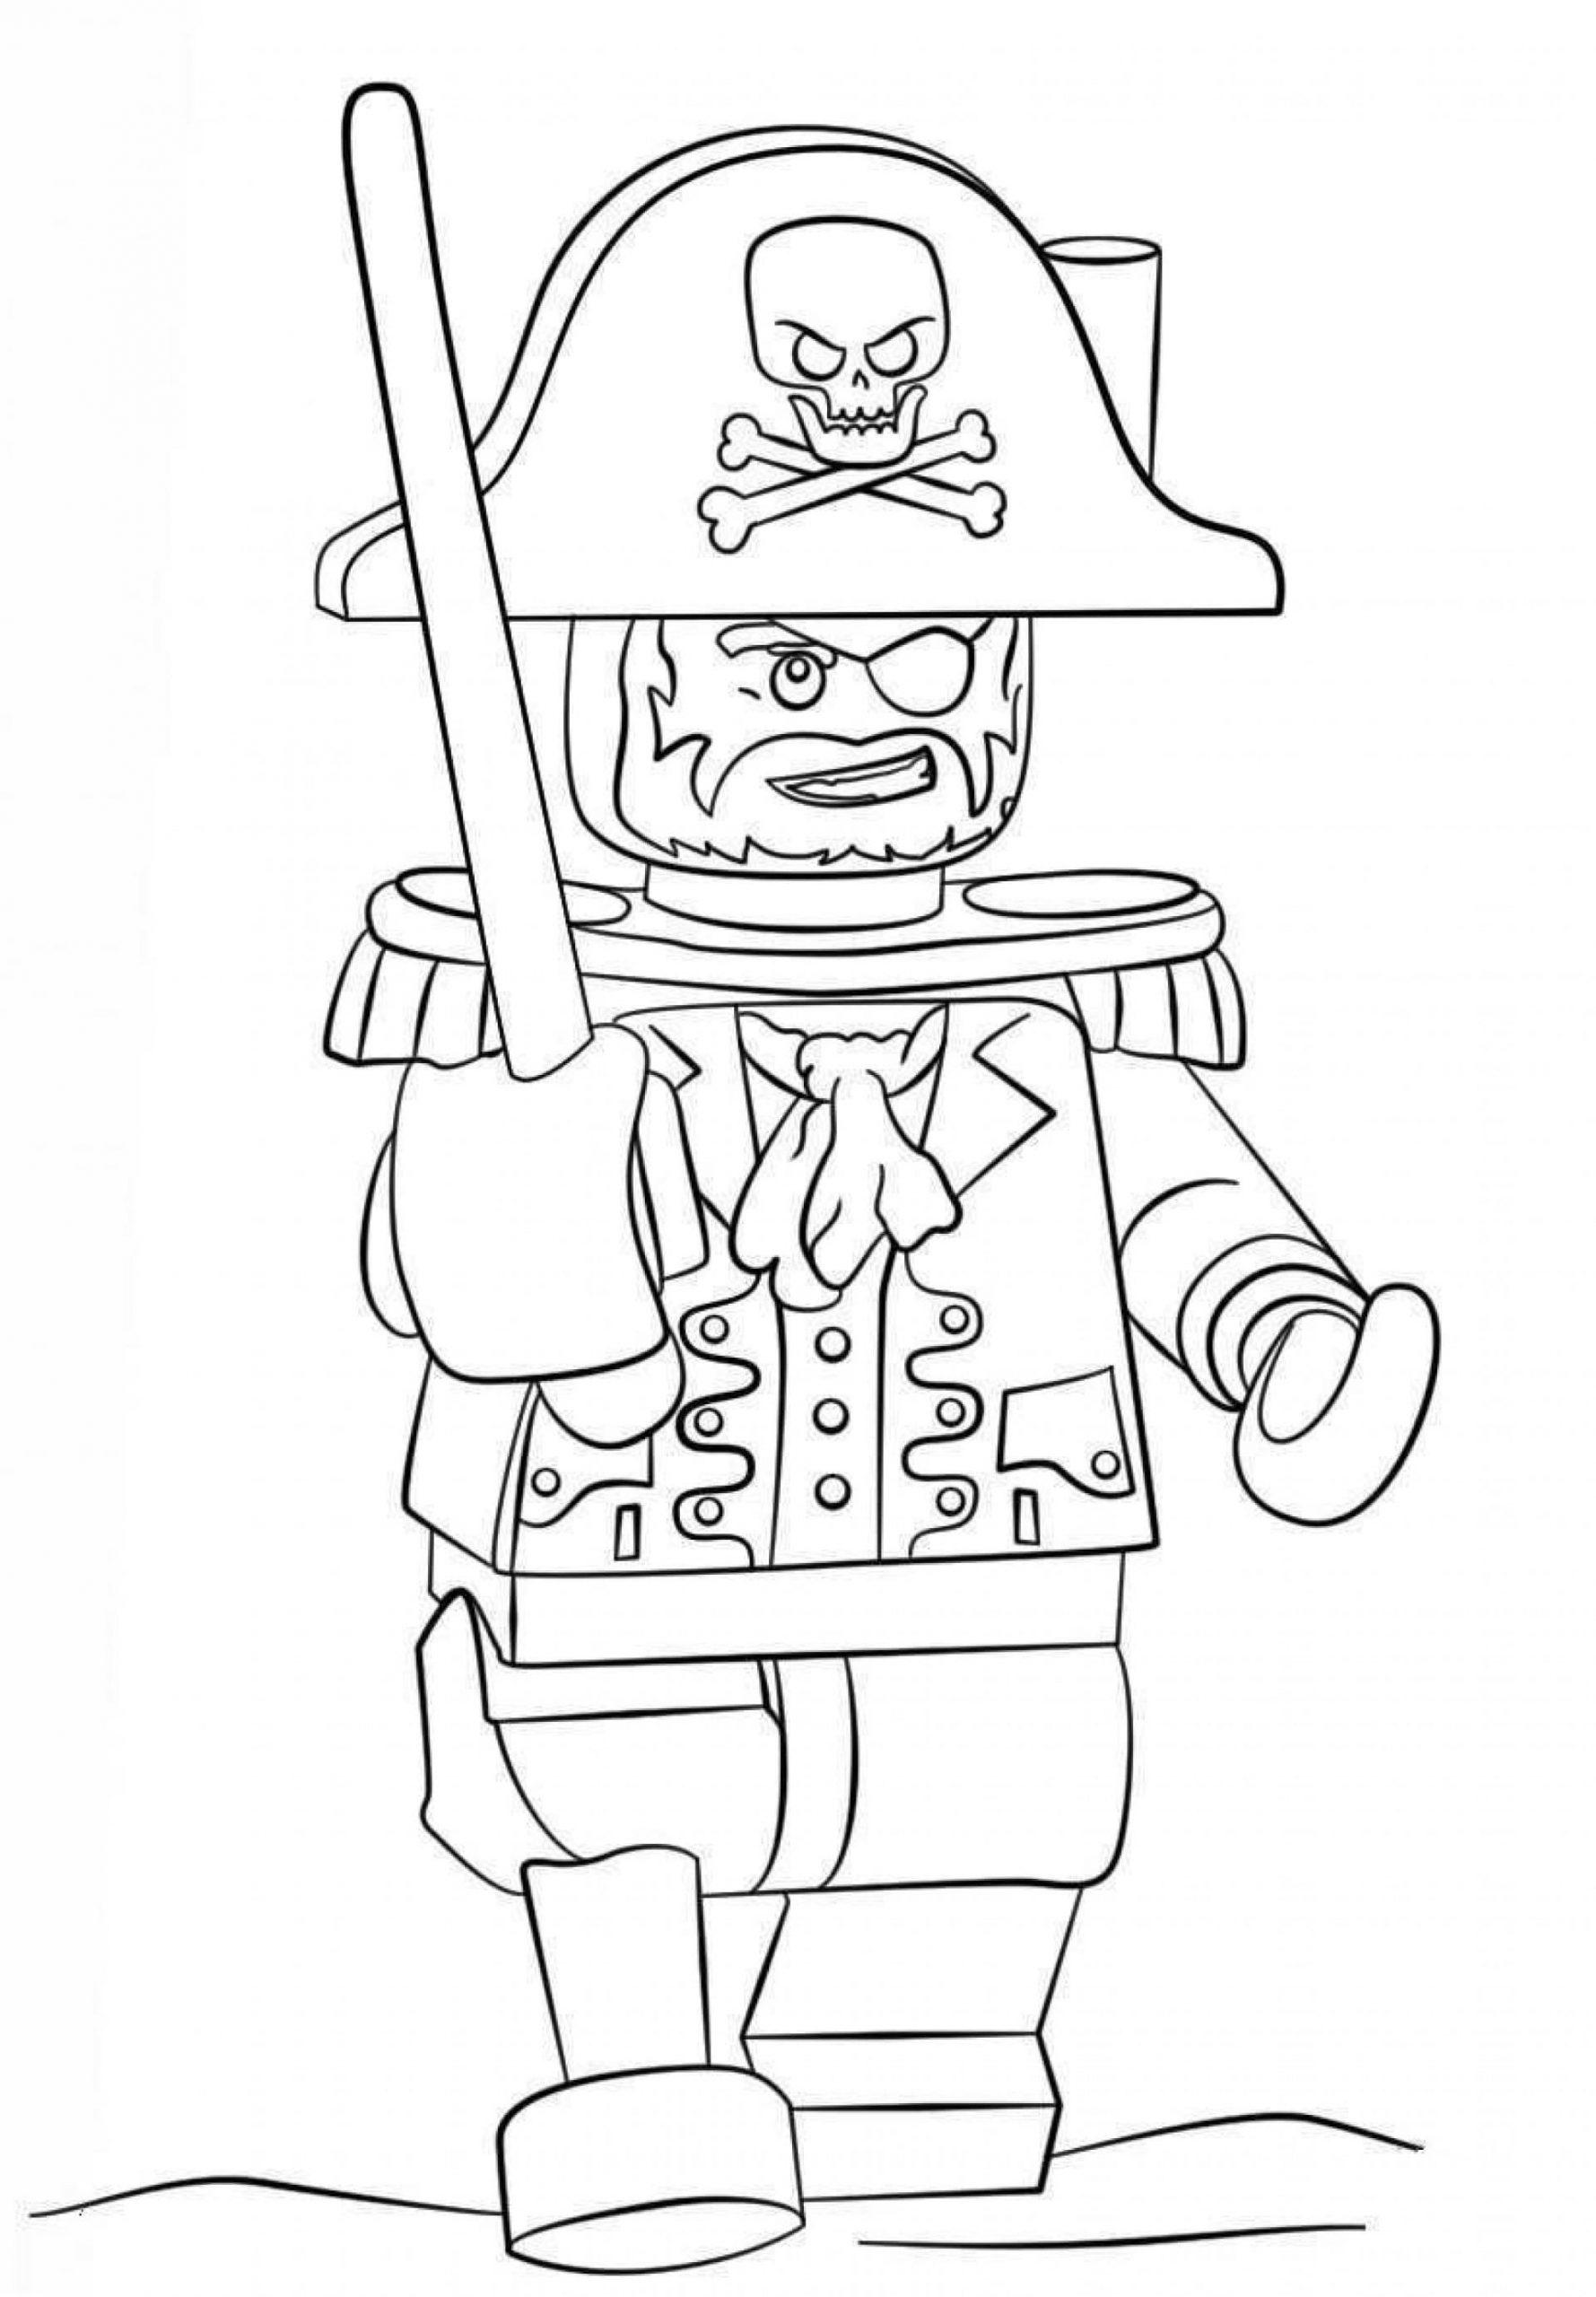 Lego Ausmalbilder. Kostenlos Herunterladen Oder Ausdrucken für Star Wars Ausmalbilder Gratis